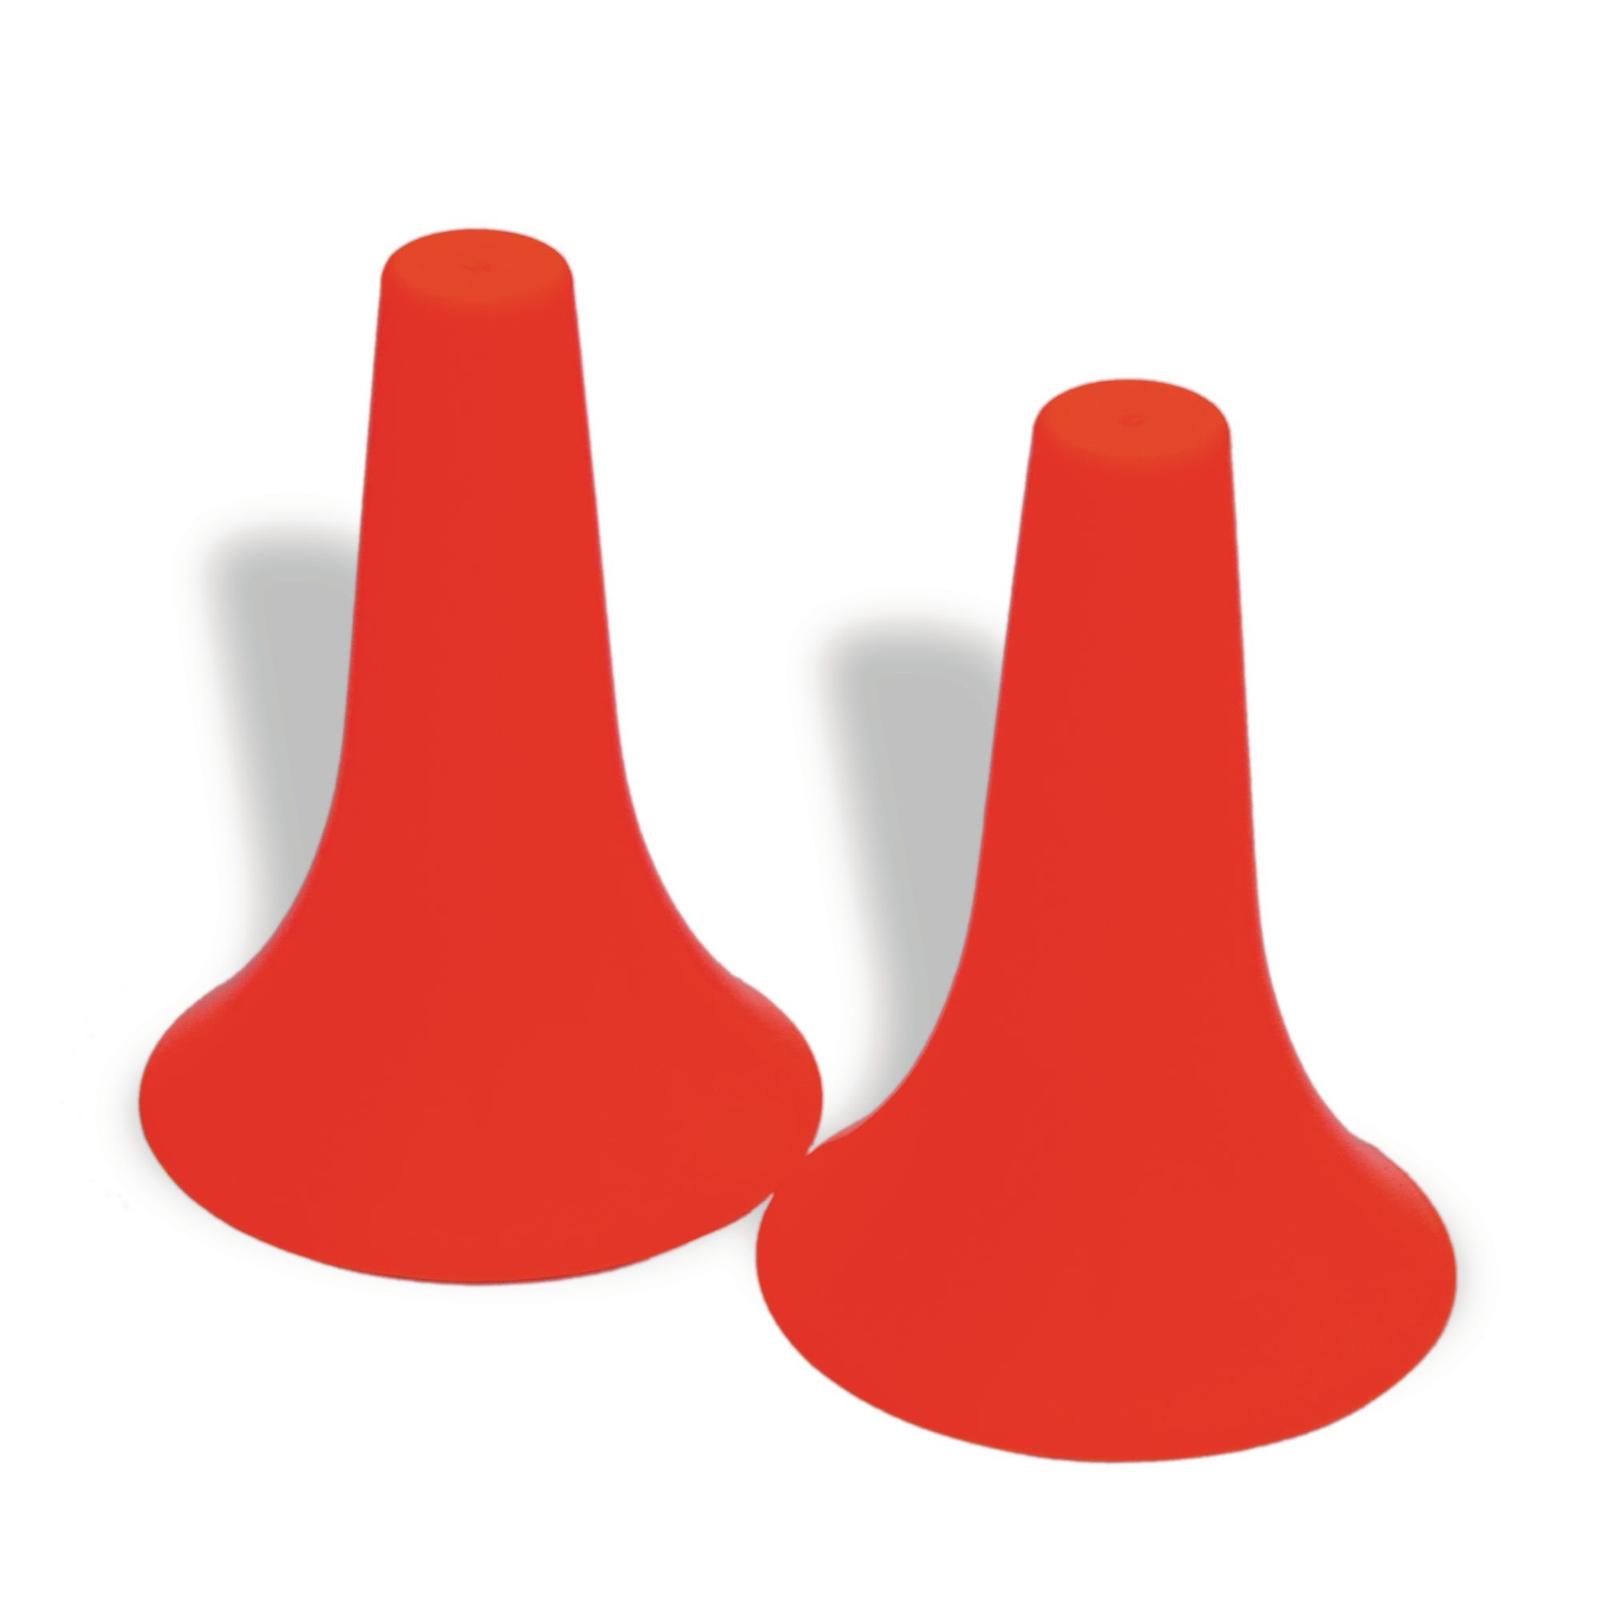 Soft Plastic Cones - 229mm